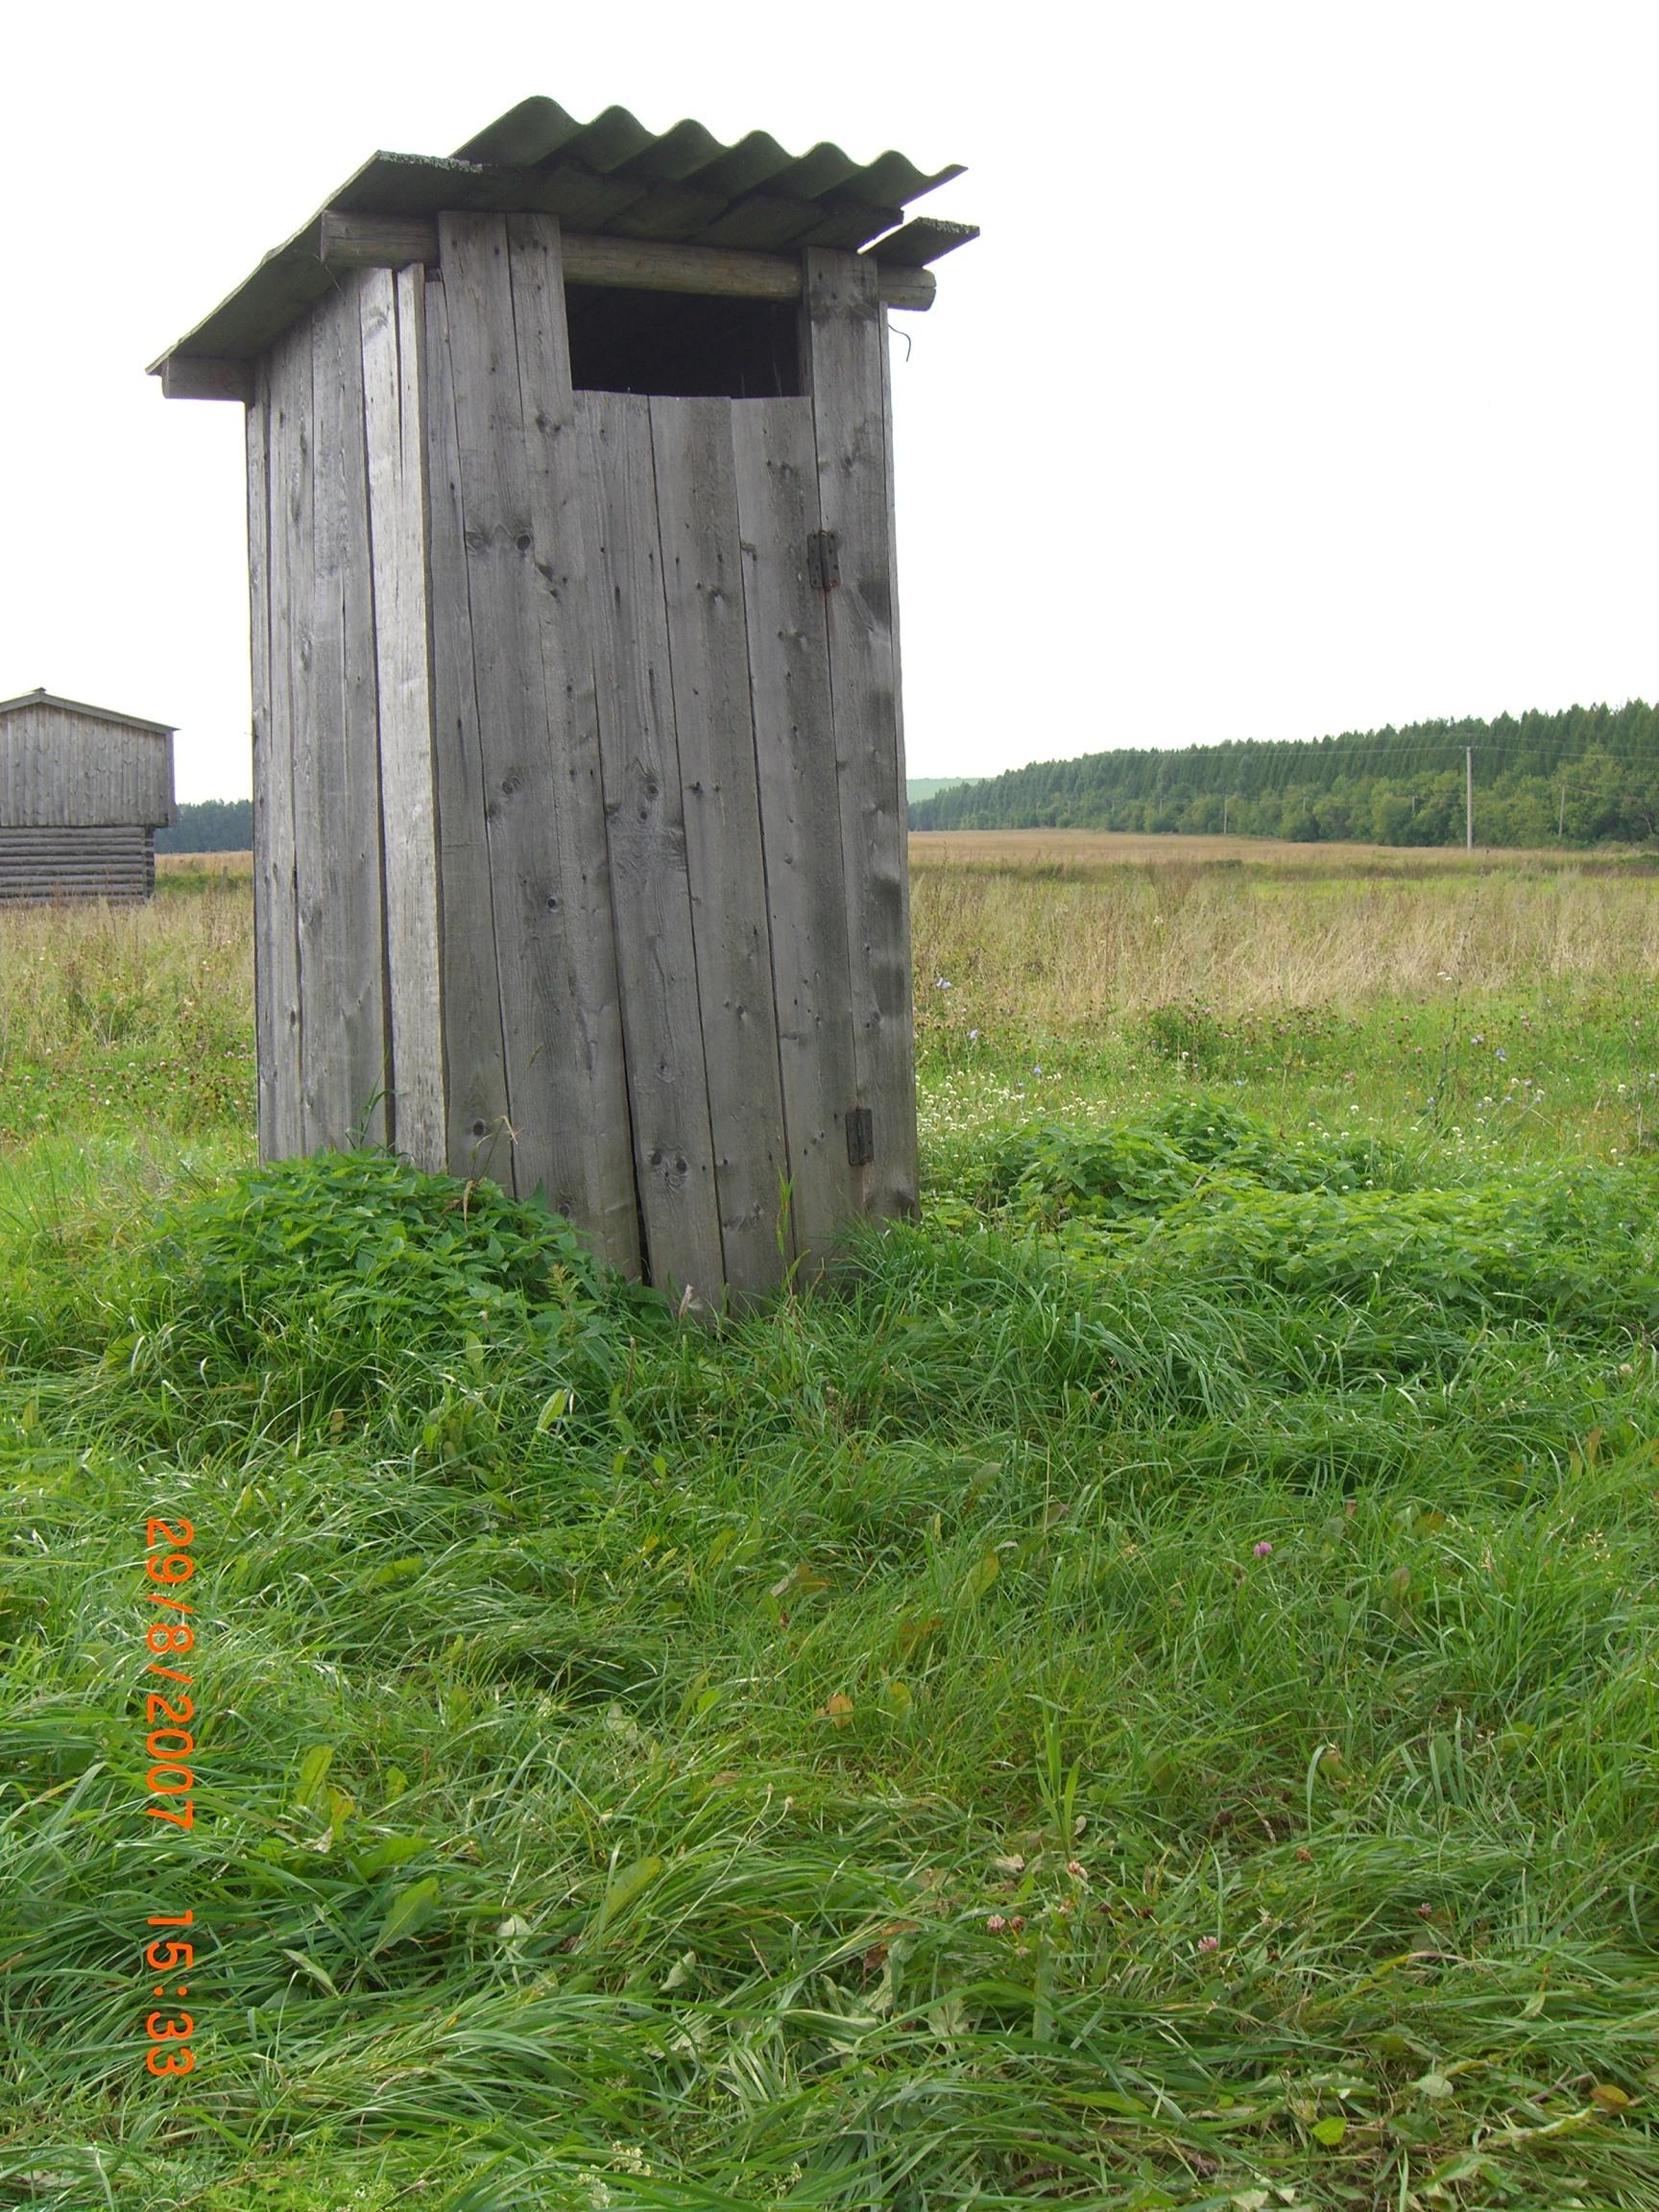 obnazhennie-devushki-na-podiume-na-visokih-kablukah